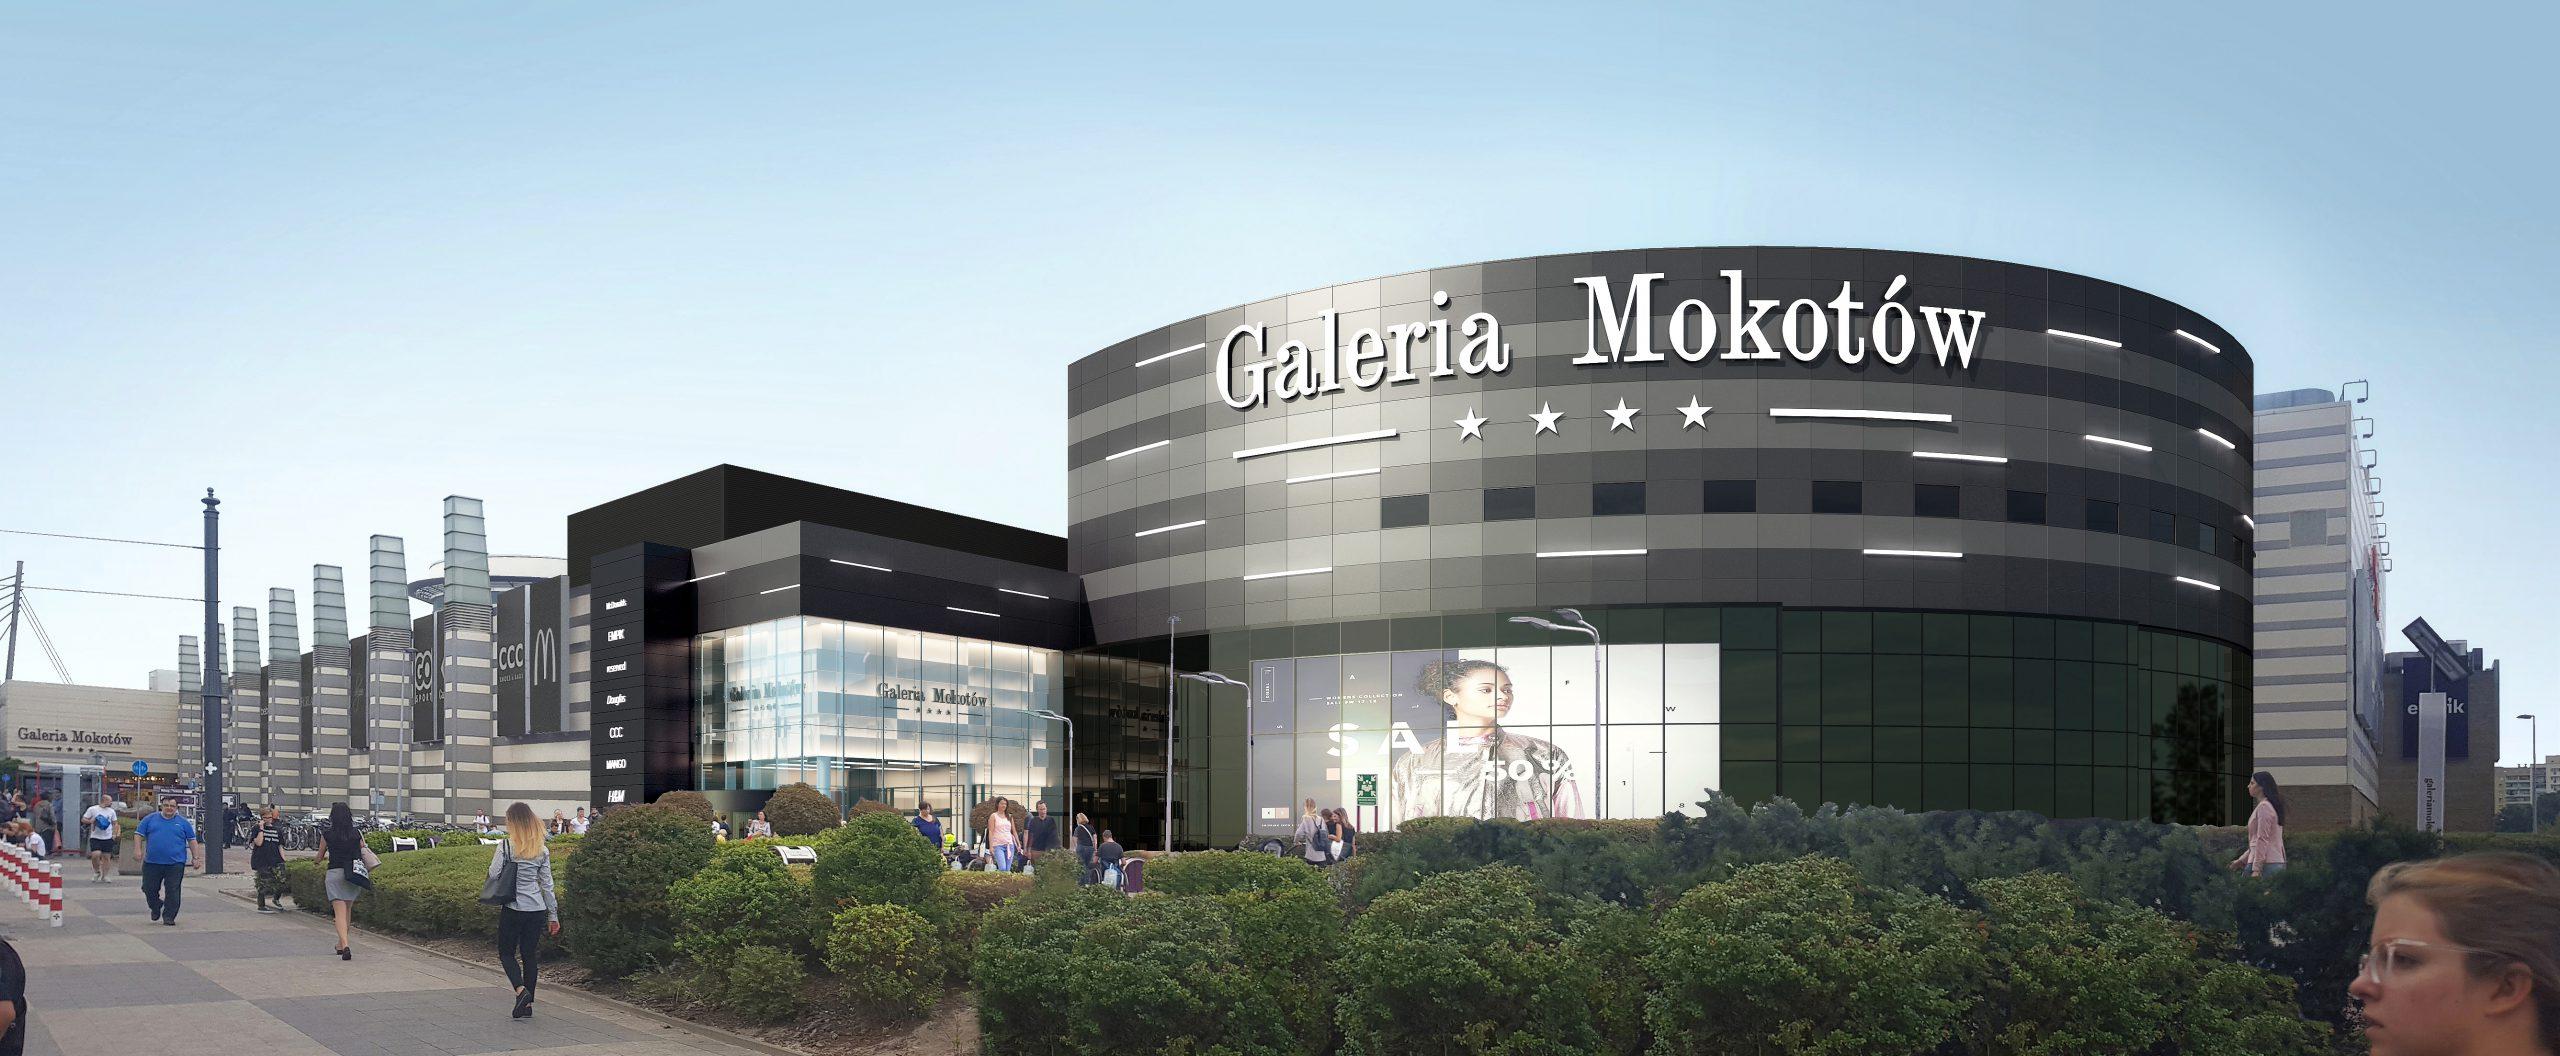 Galeria Mokotów wkrótce z nową elewacją